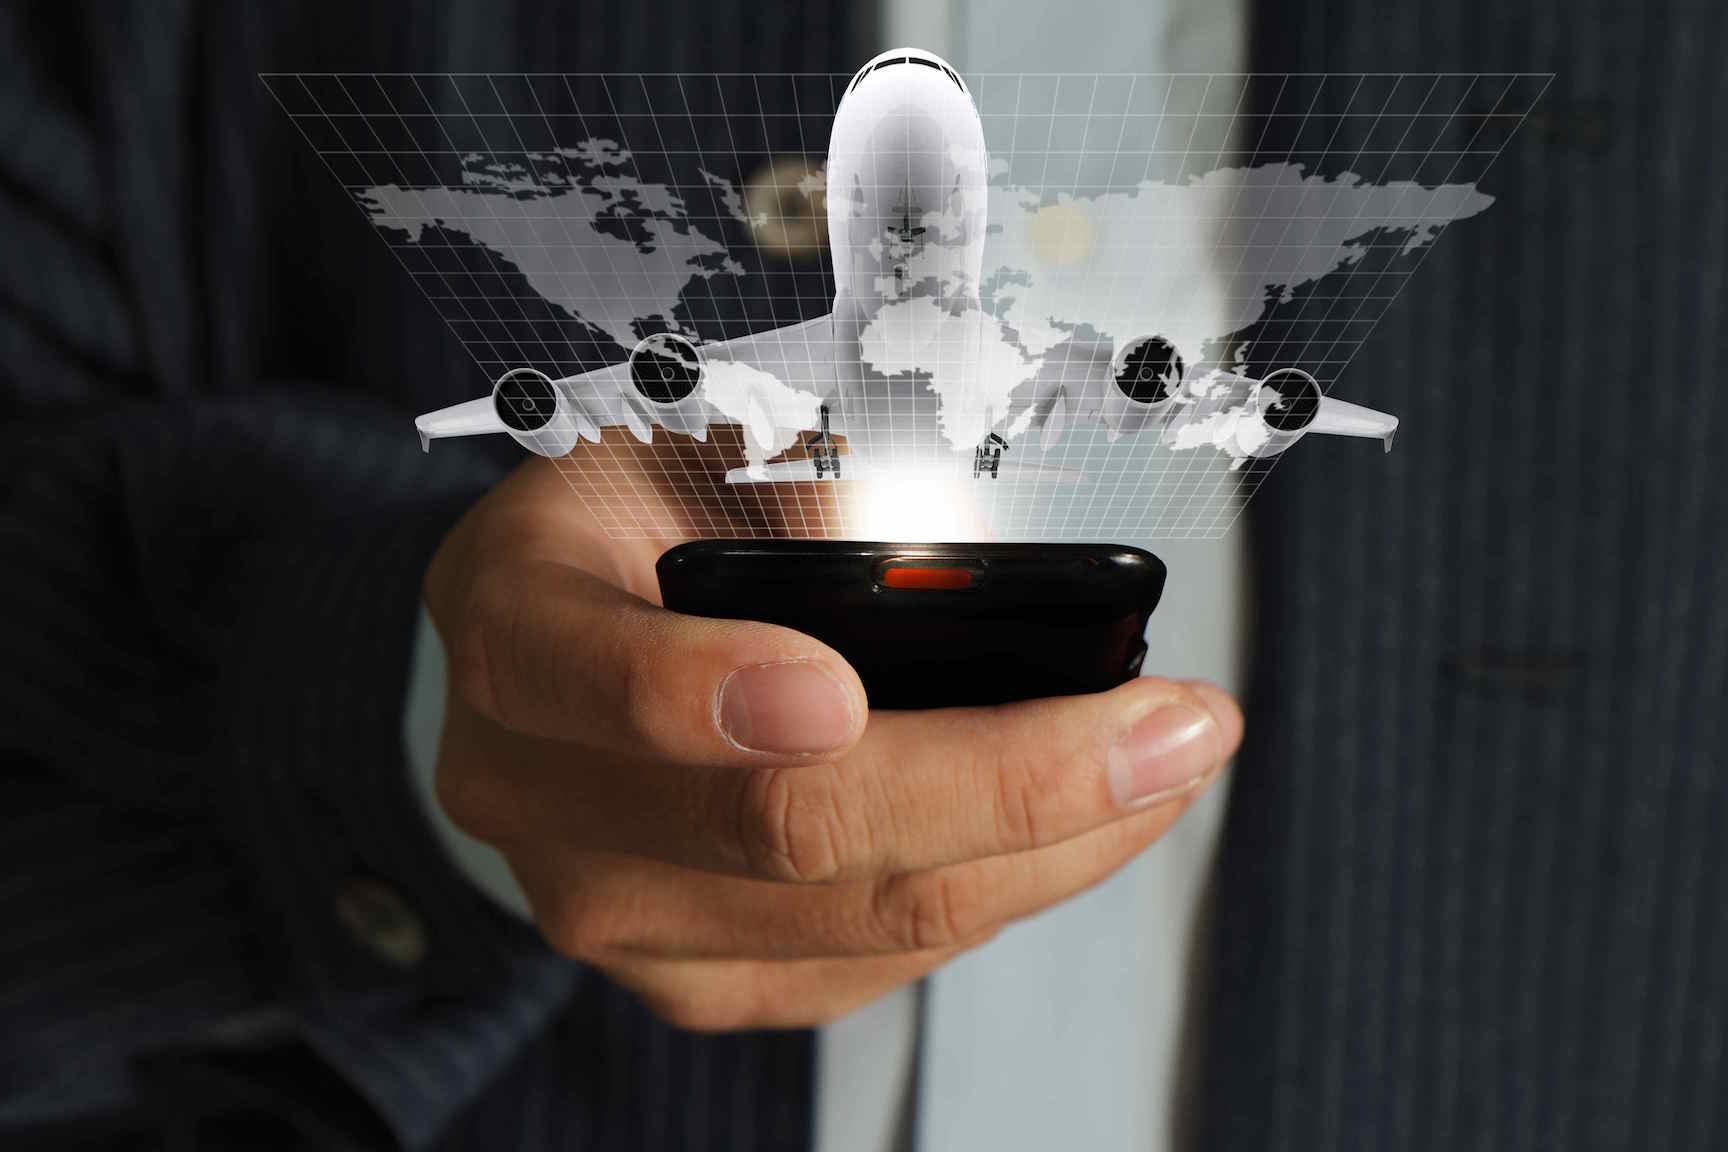 نقش تلفن همراه در متحول کردن سفر